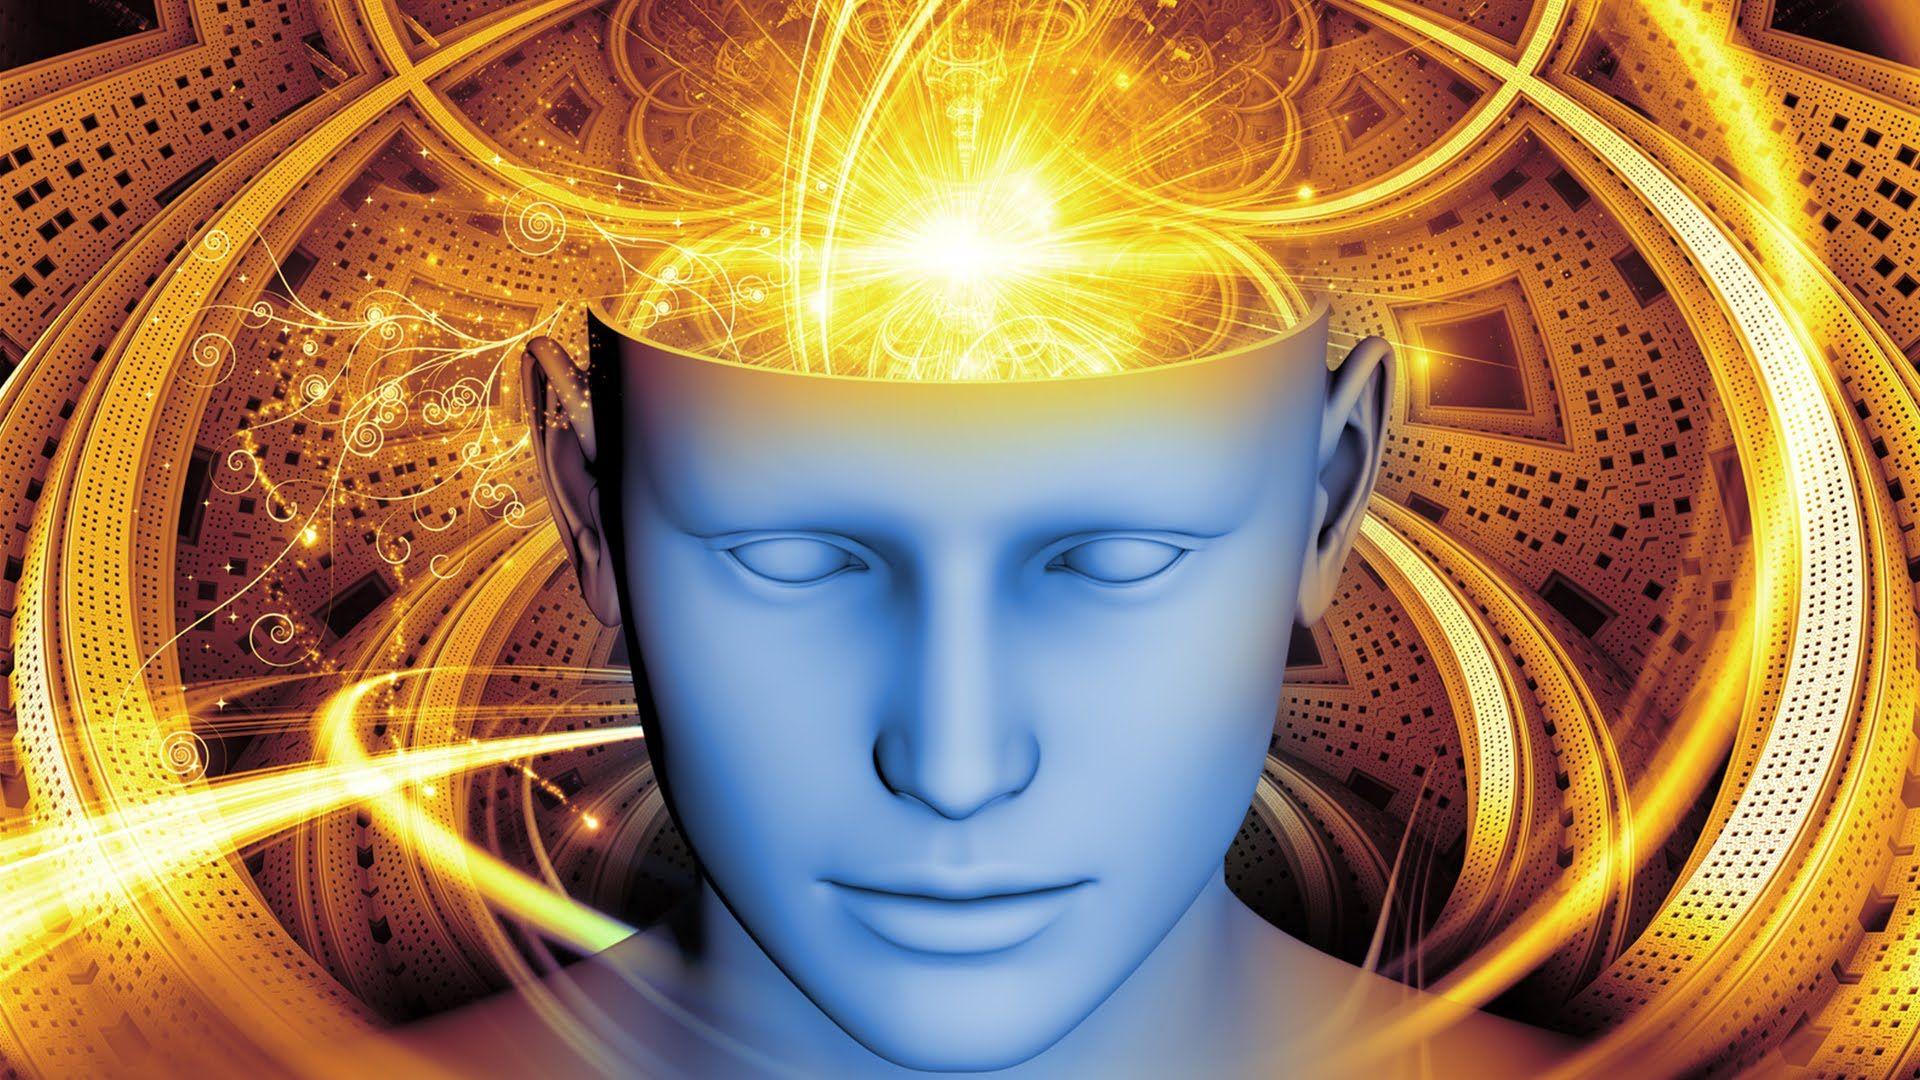 Erleuchtung ist machbar - Neues Bewusstsein und wie wir es erreichen können